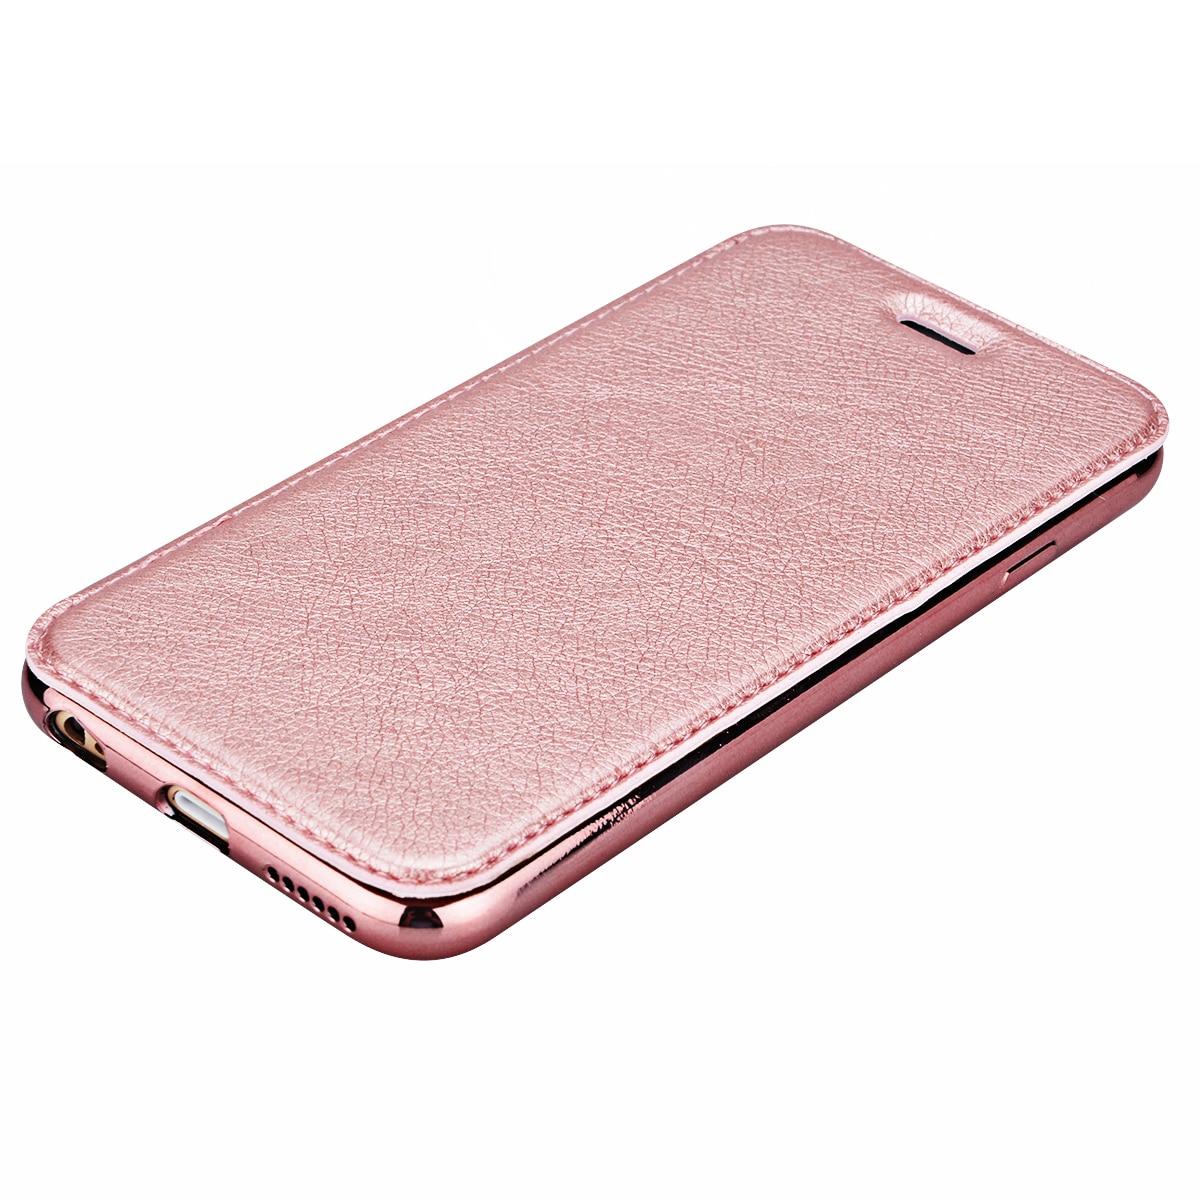 Funda de cuero PU de lujo para iPhone 5 5s SE 6 6s 7 Plus Funda para - Accesorios y repuestos para celulares - foto 4